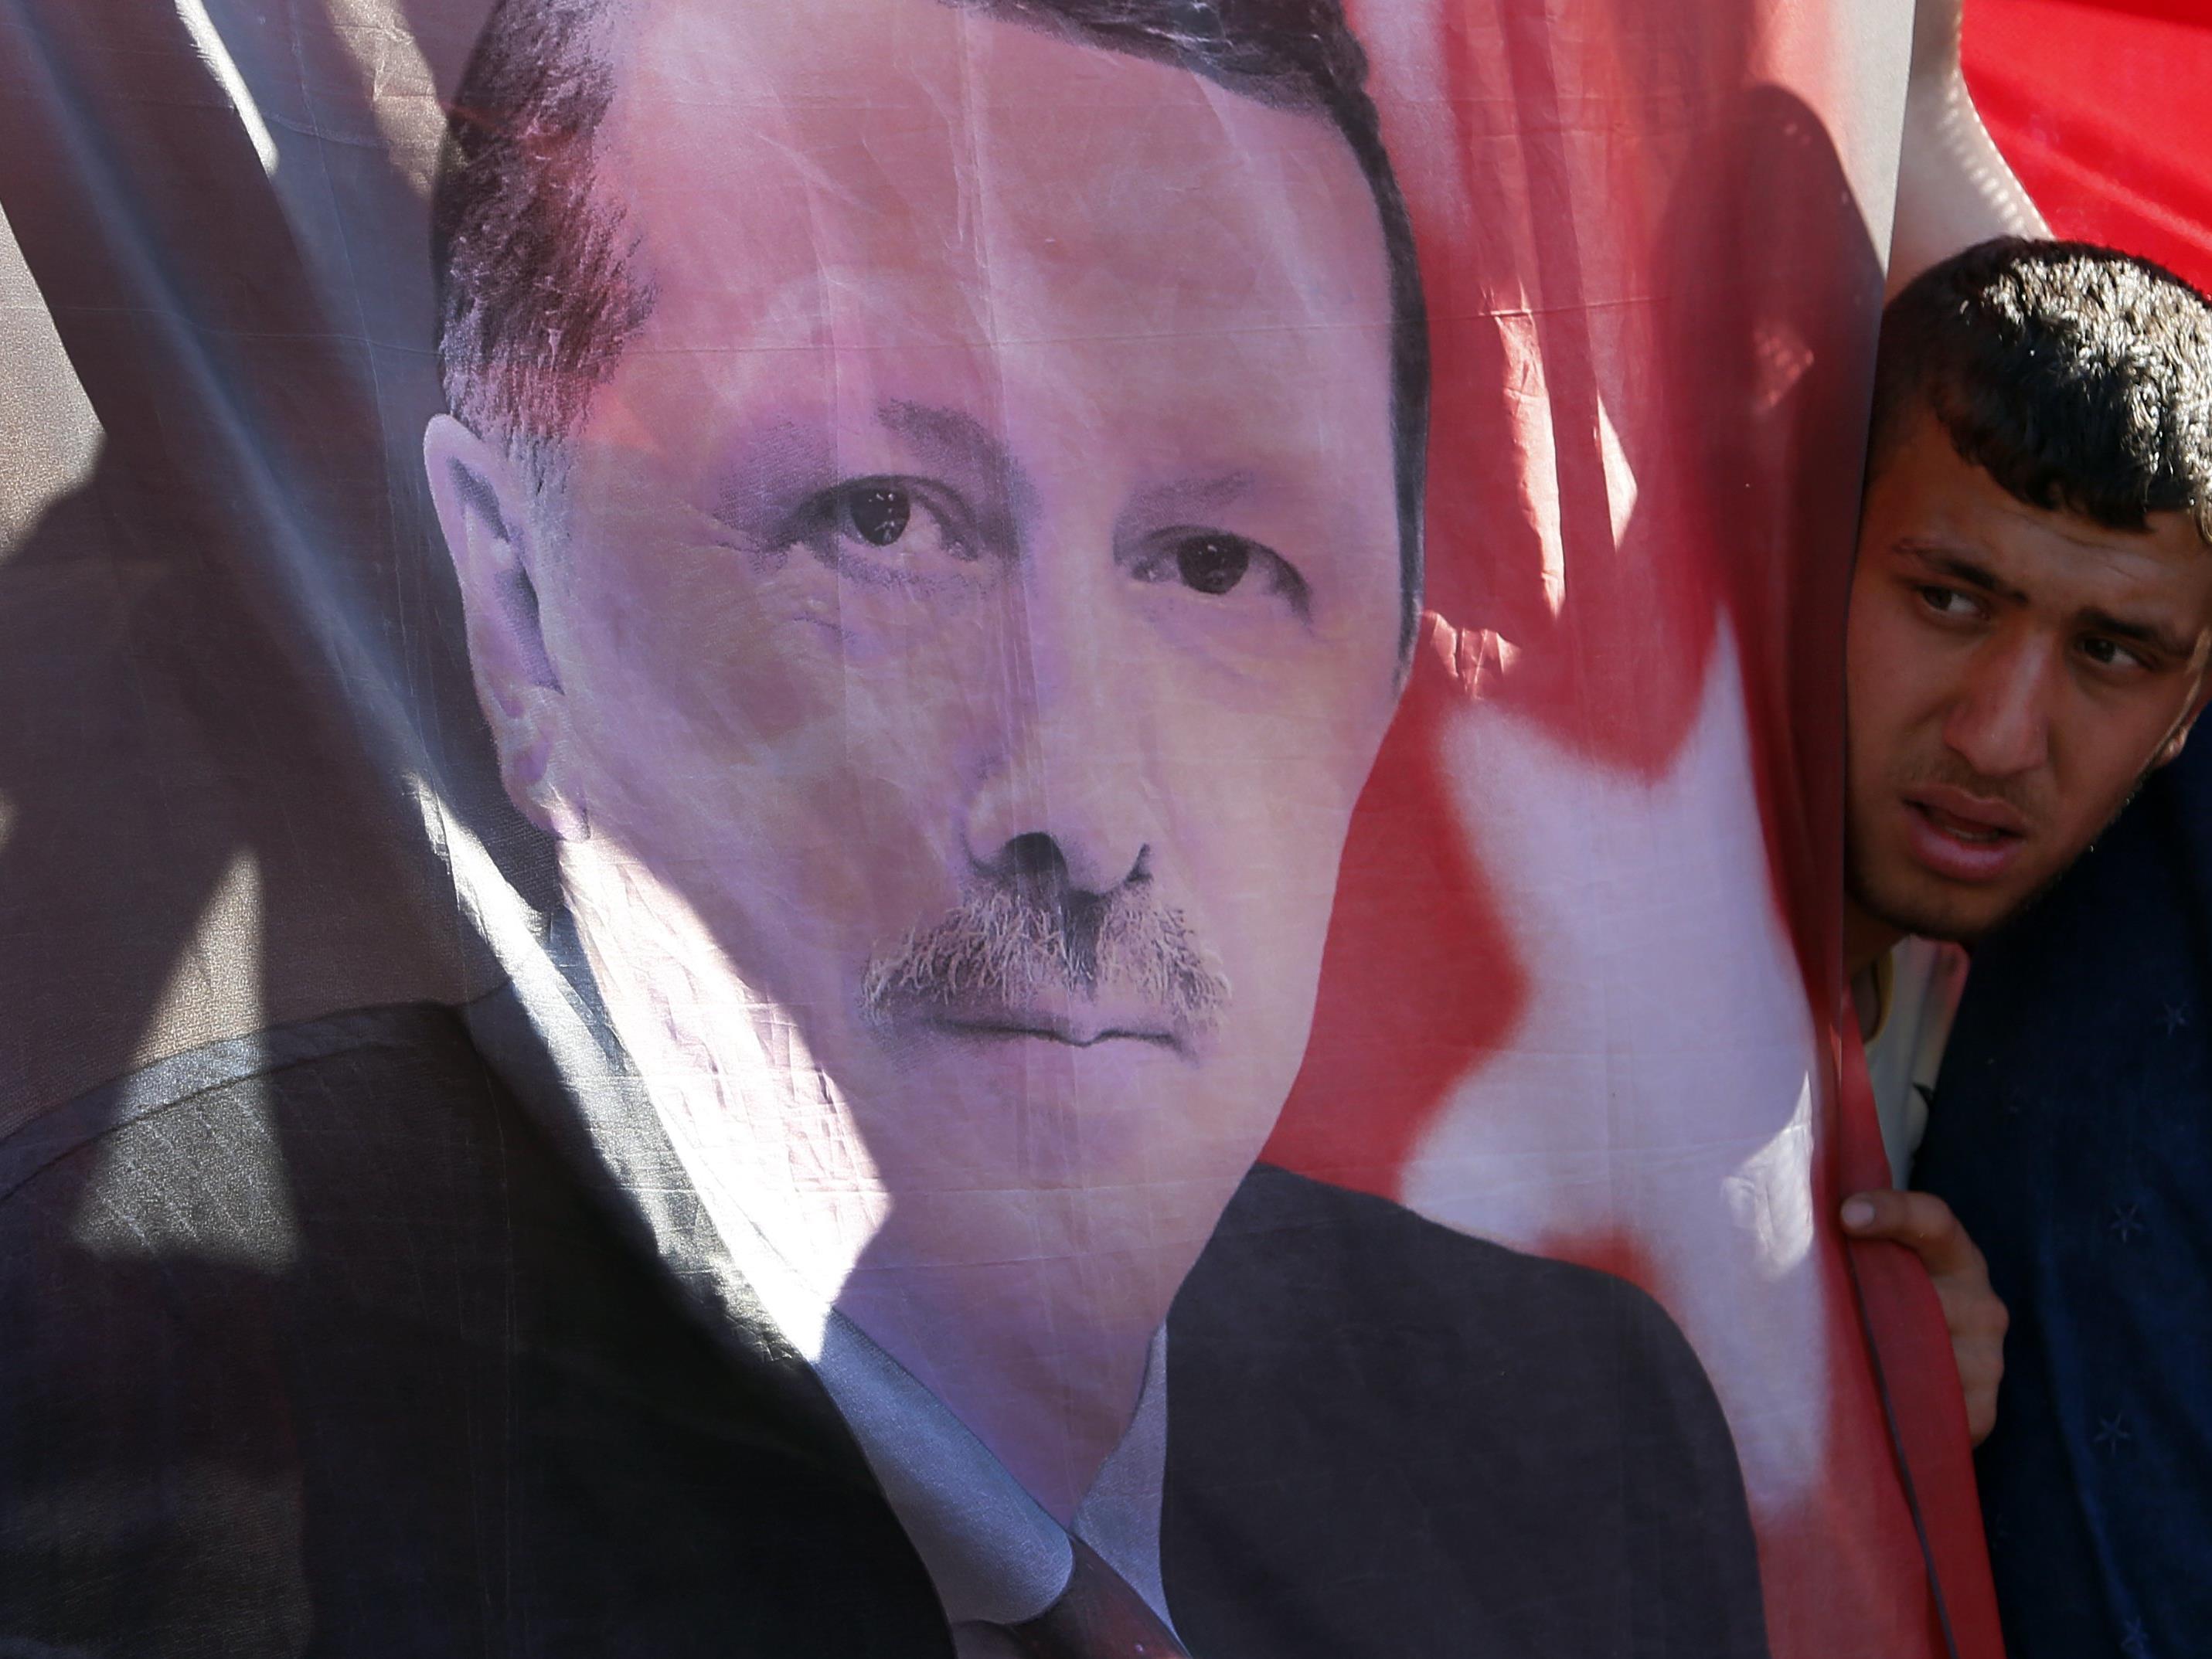 Presseecho nach dem Türkei-Putsch.